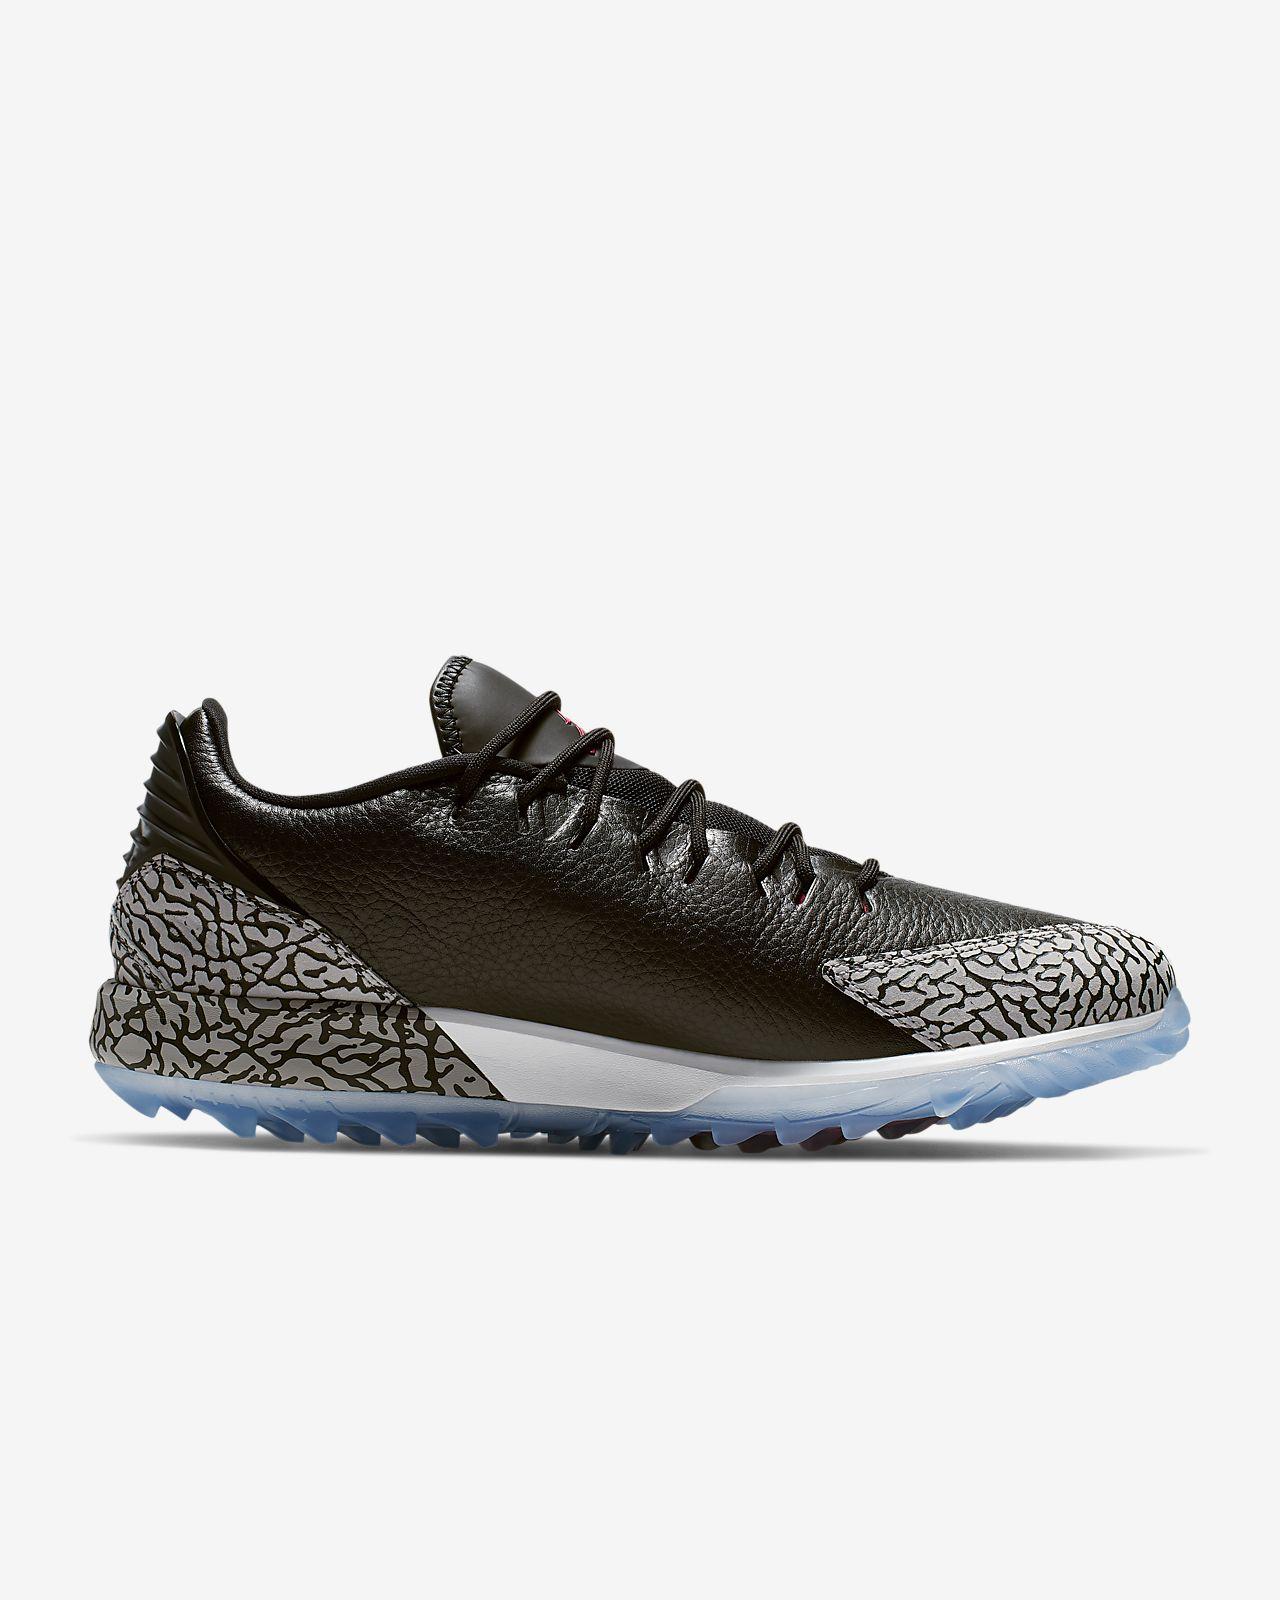 Spikeless Jordan Golf Shoes Der hvor å kjøpe Nike ADG sko  Where to Buy Nike ADG Shoes